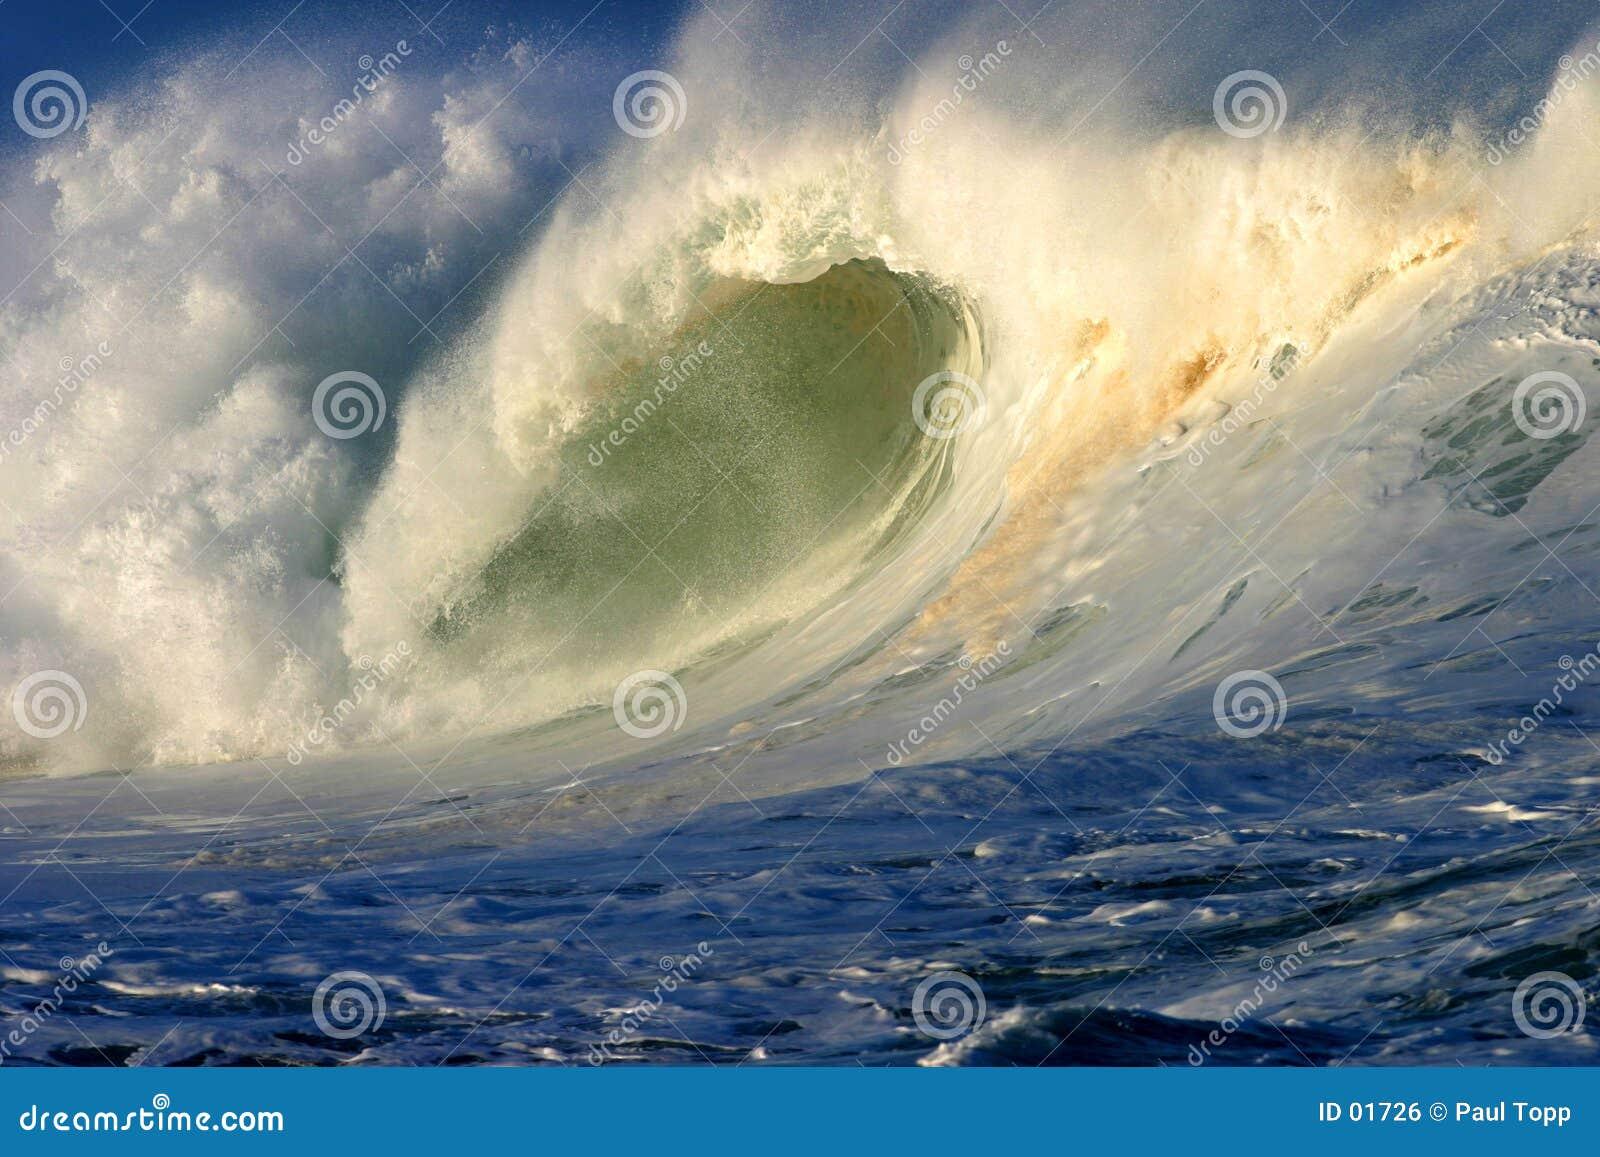 Kraftig surfa wave för hawaii hav